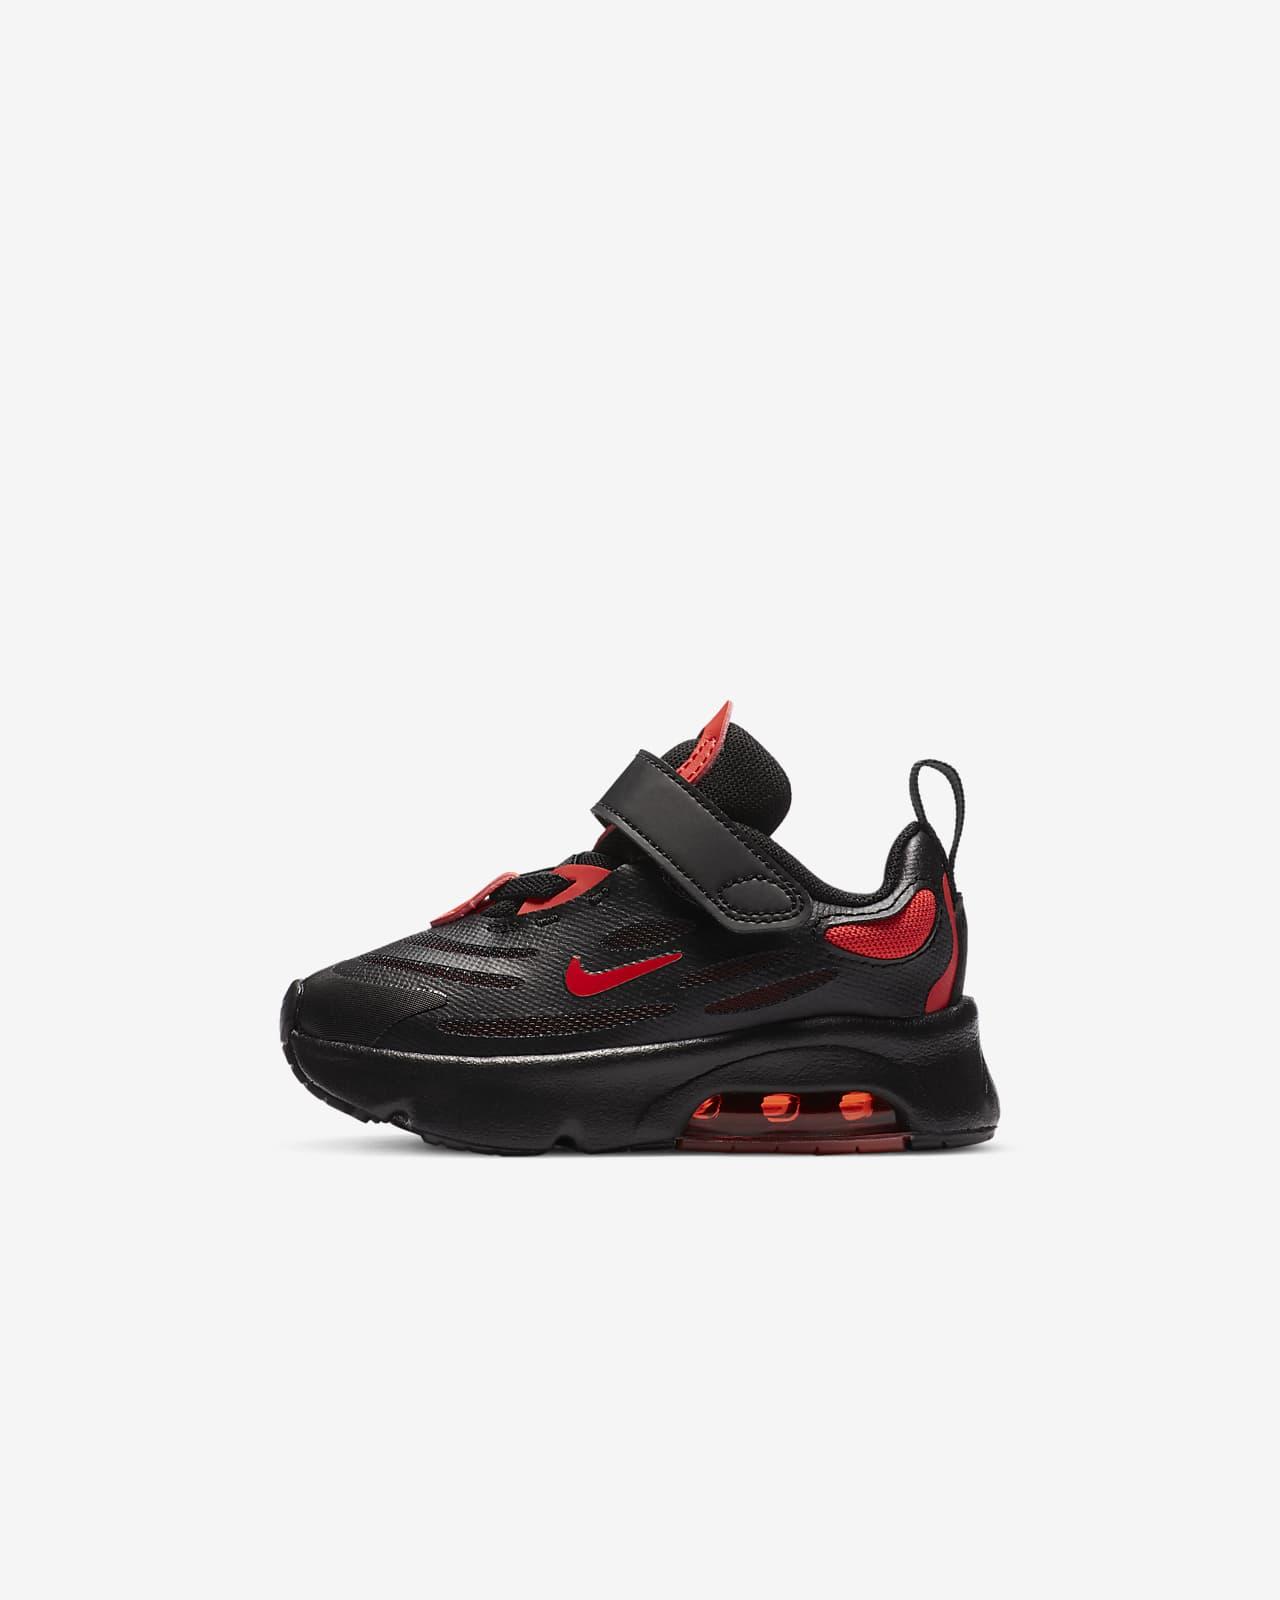 Nike Air Max Exosense sko til sped-/småbarn